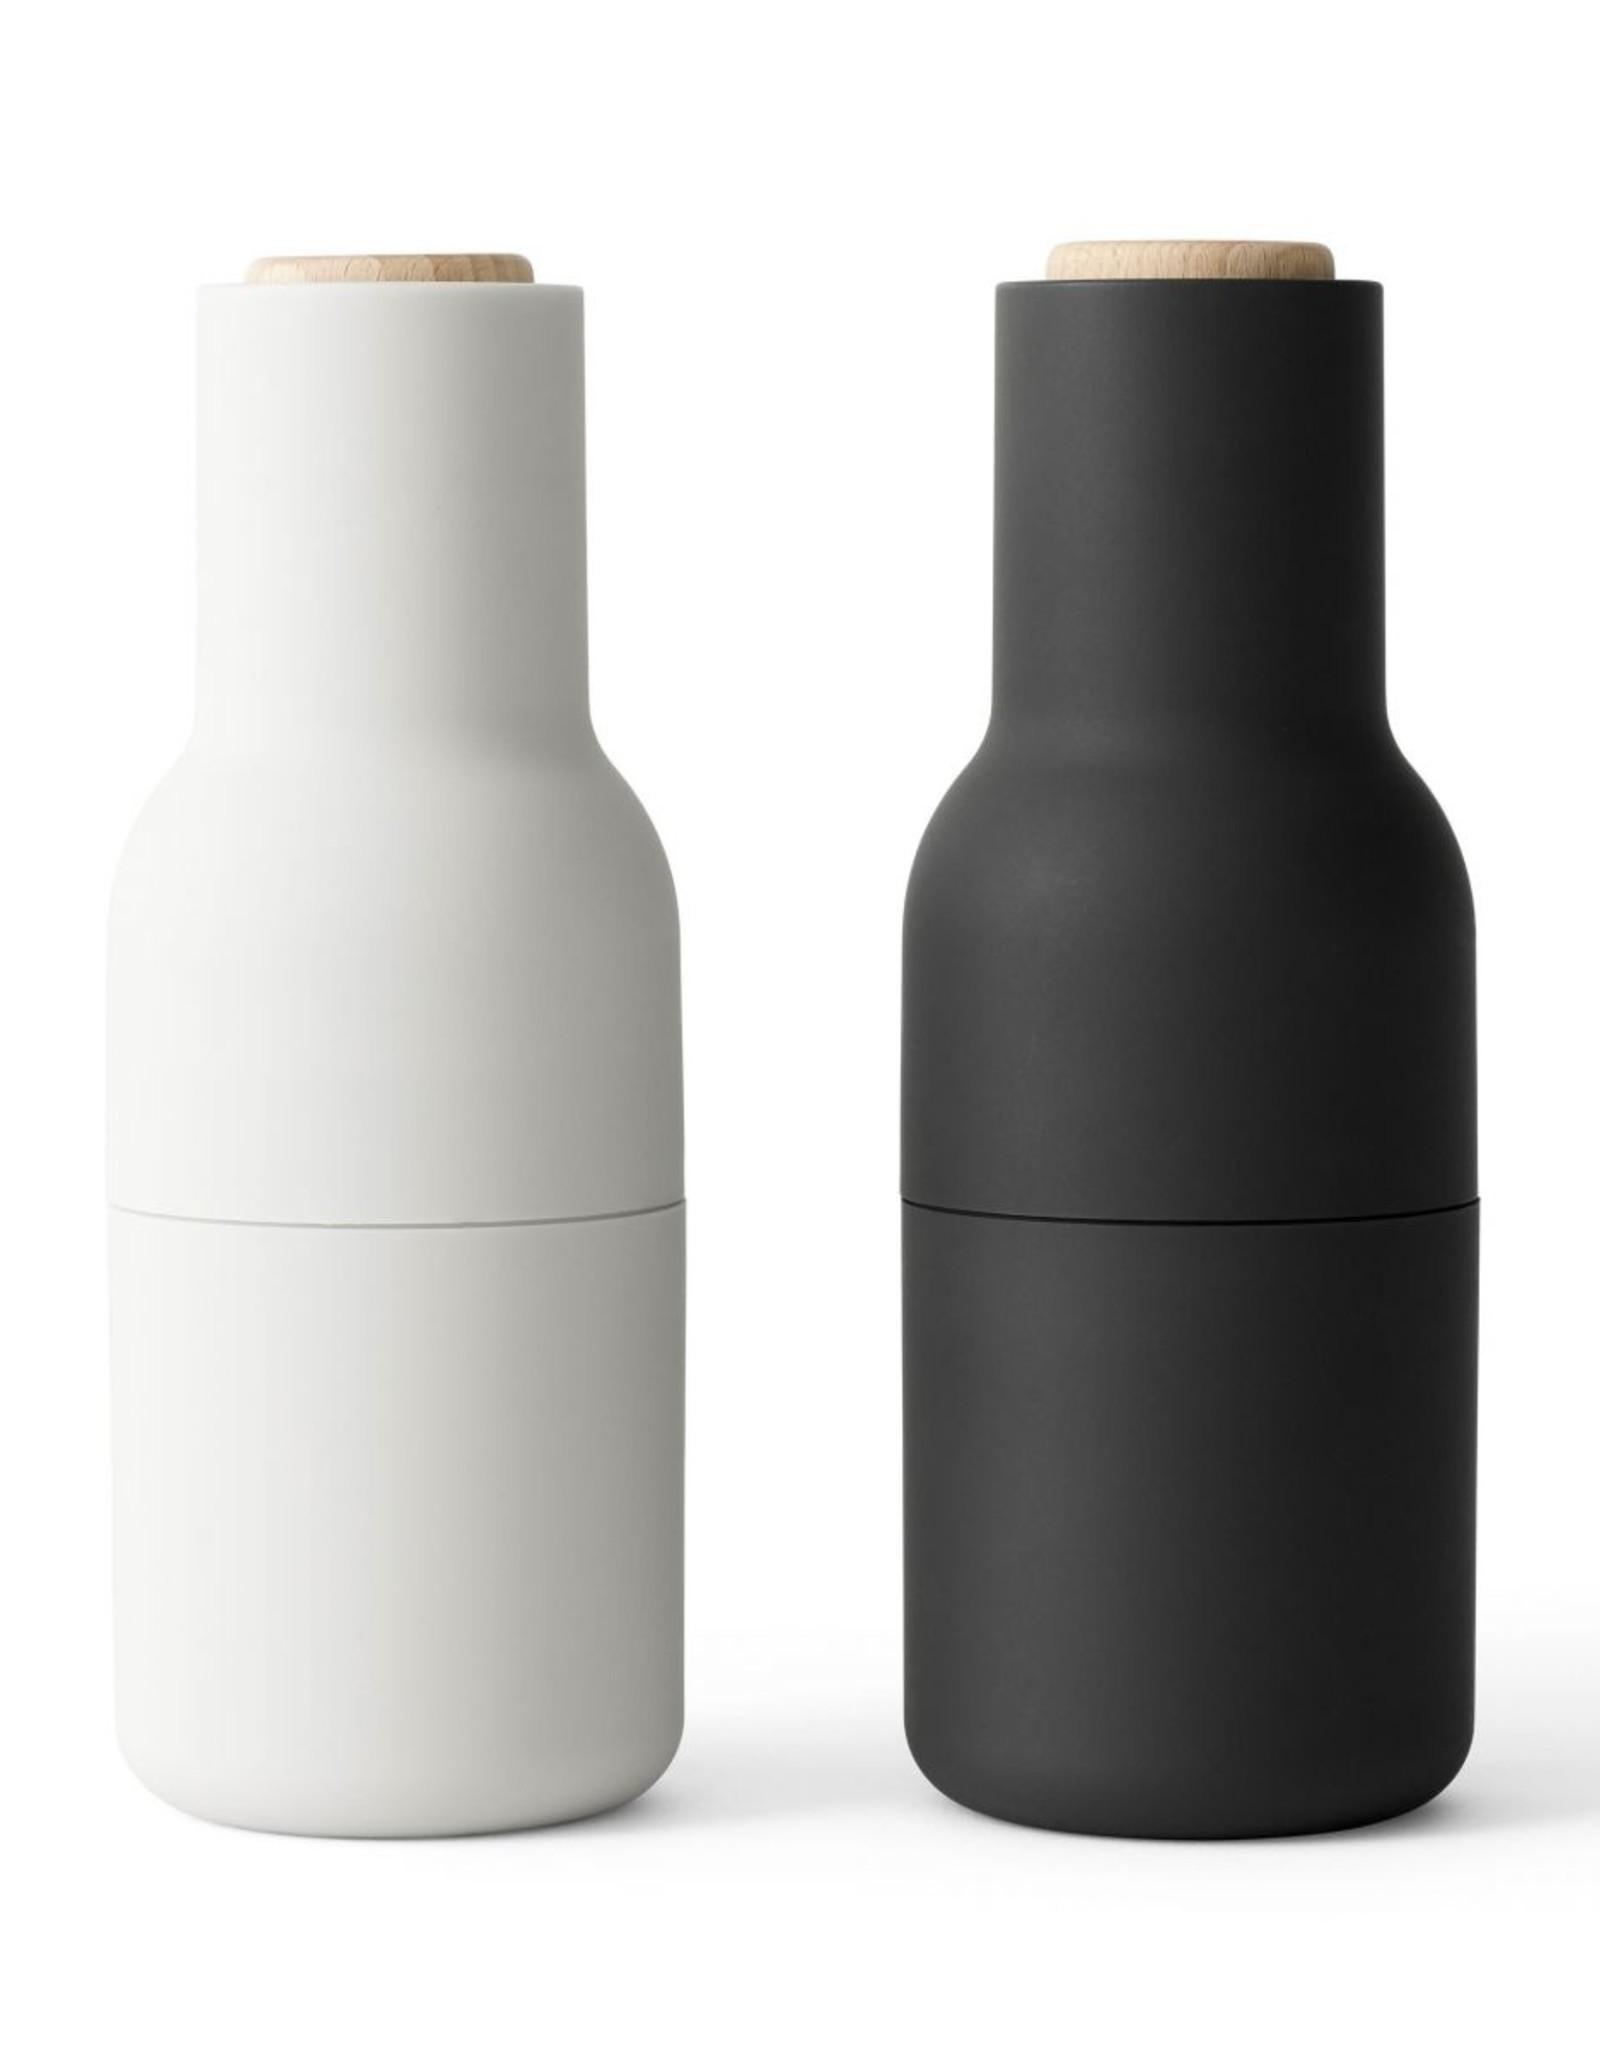 Menu - Bottle grinder - Peper-en Zoutmolen - Ash - Carbon - Beuk - Set van 2